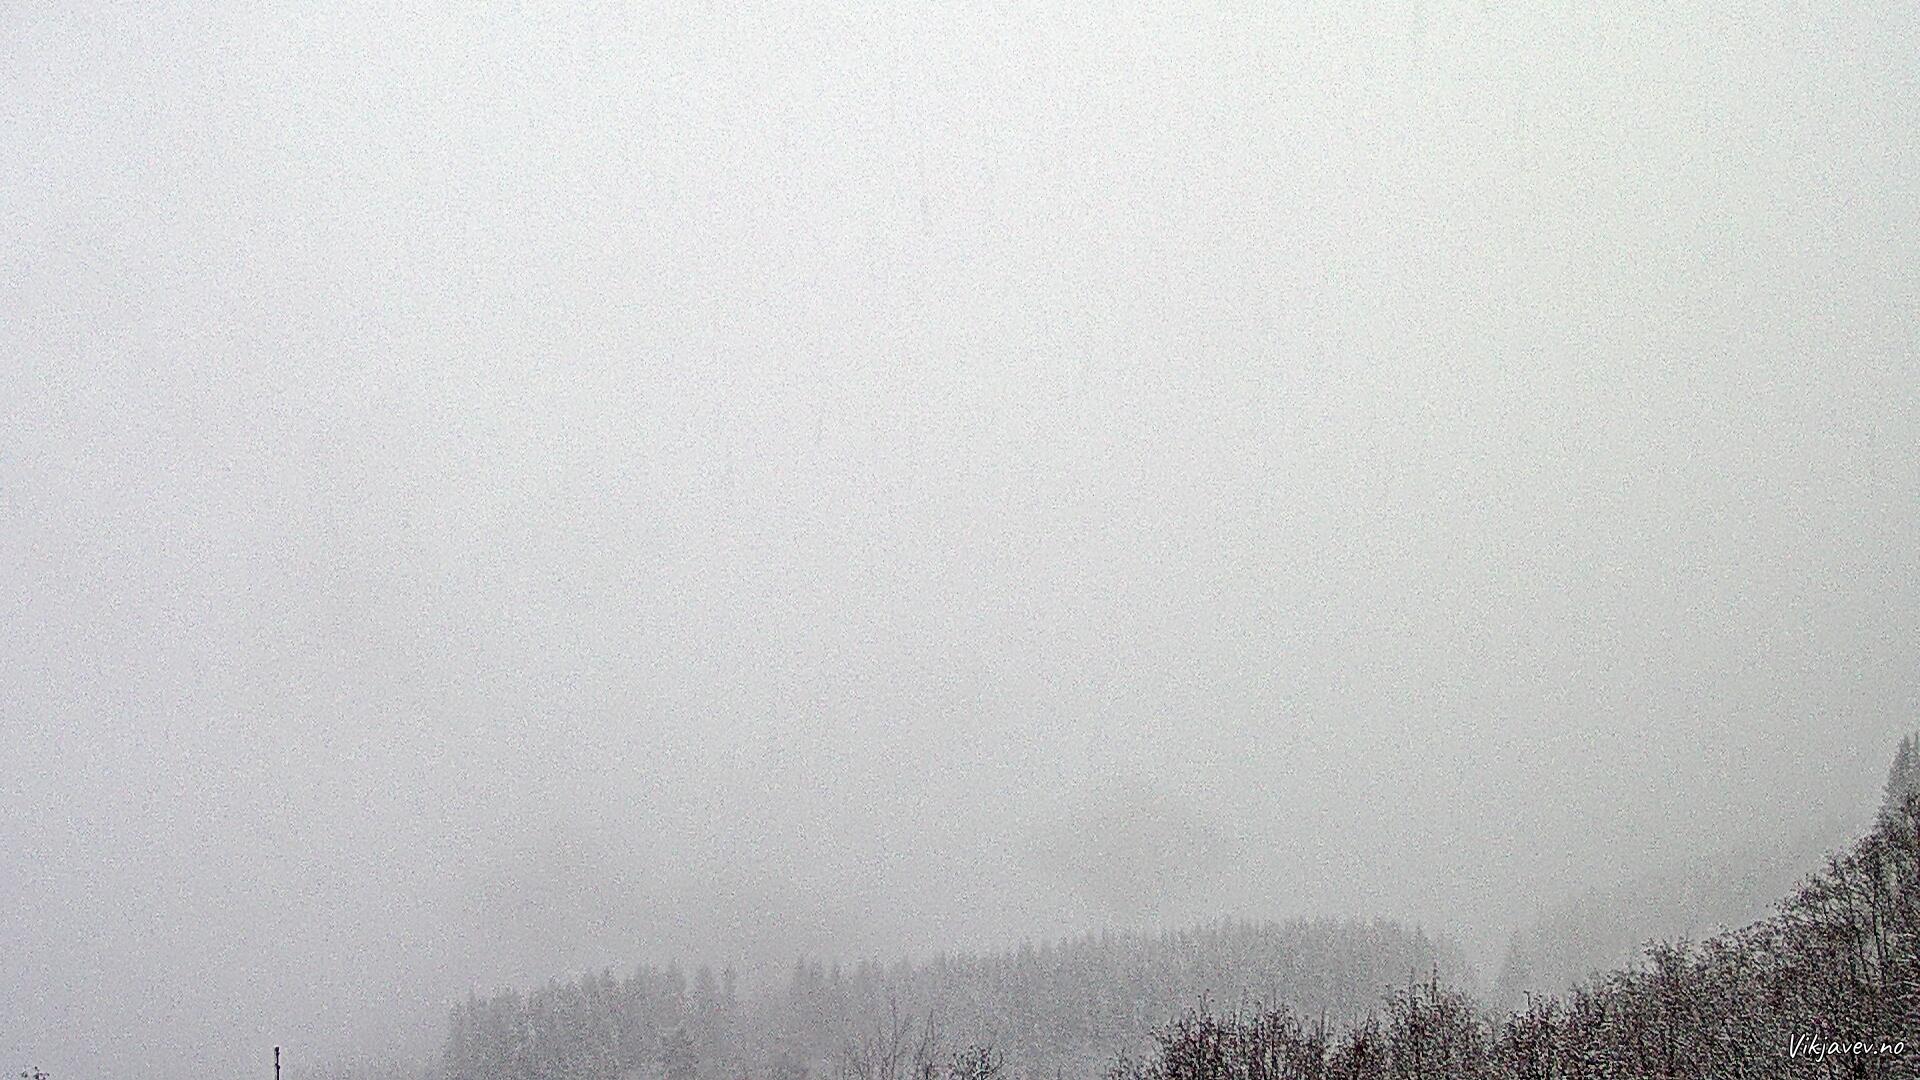 Vik i Sogn 7. januar 2019 15:00